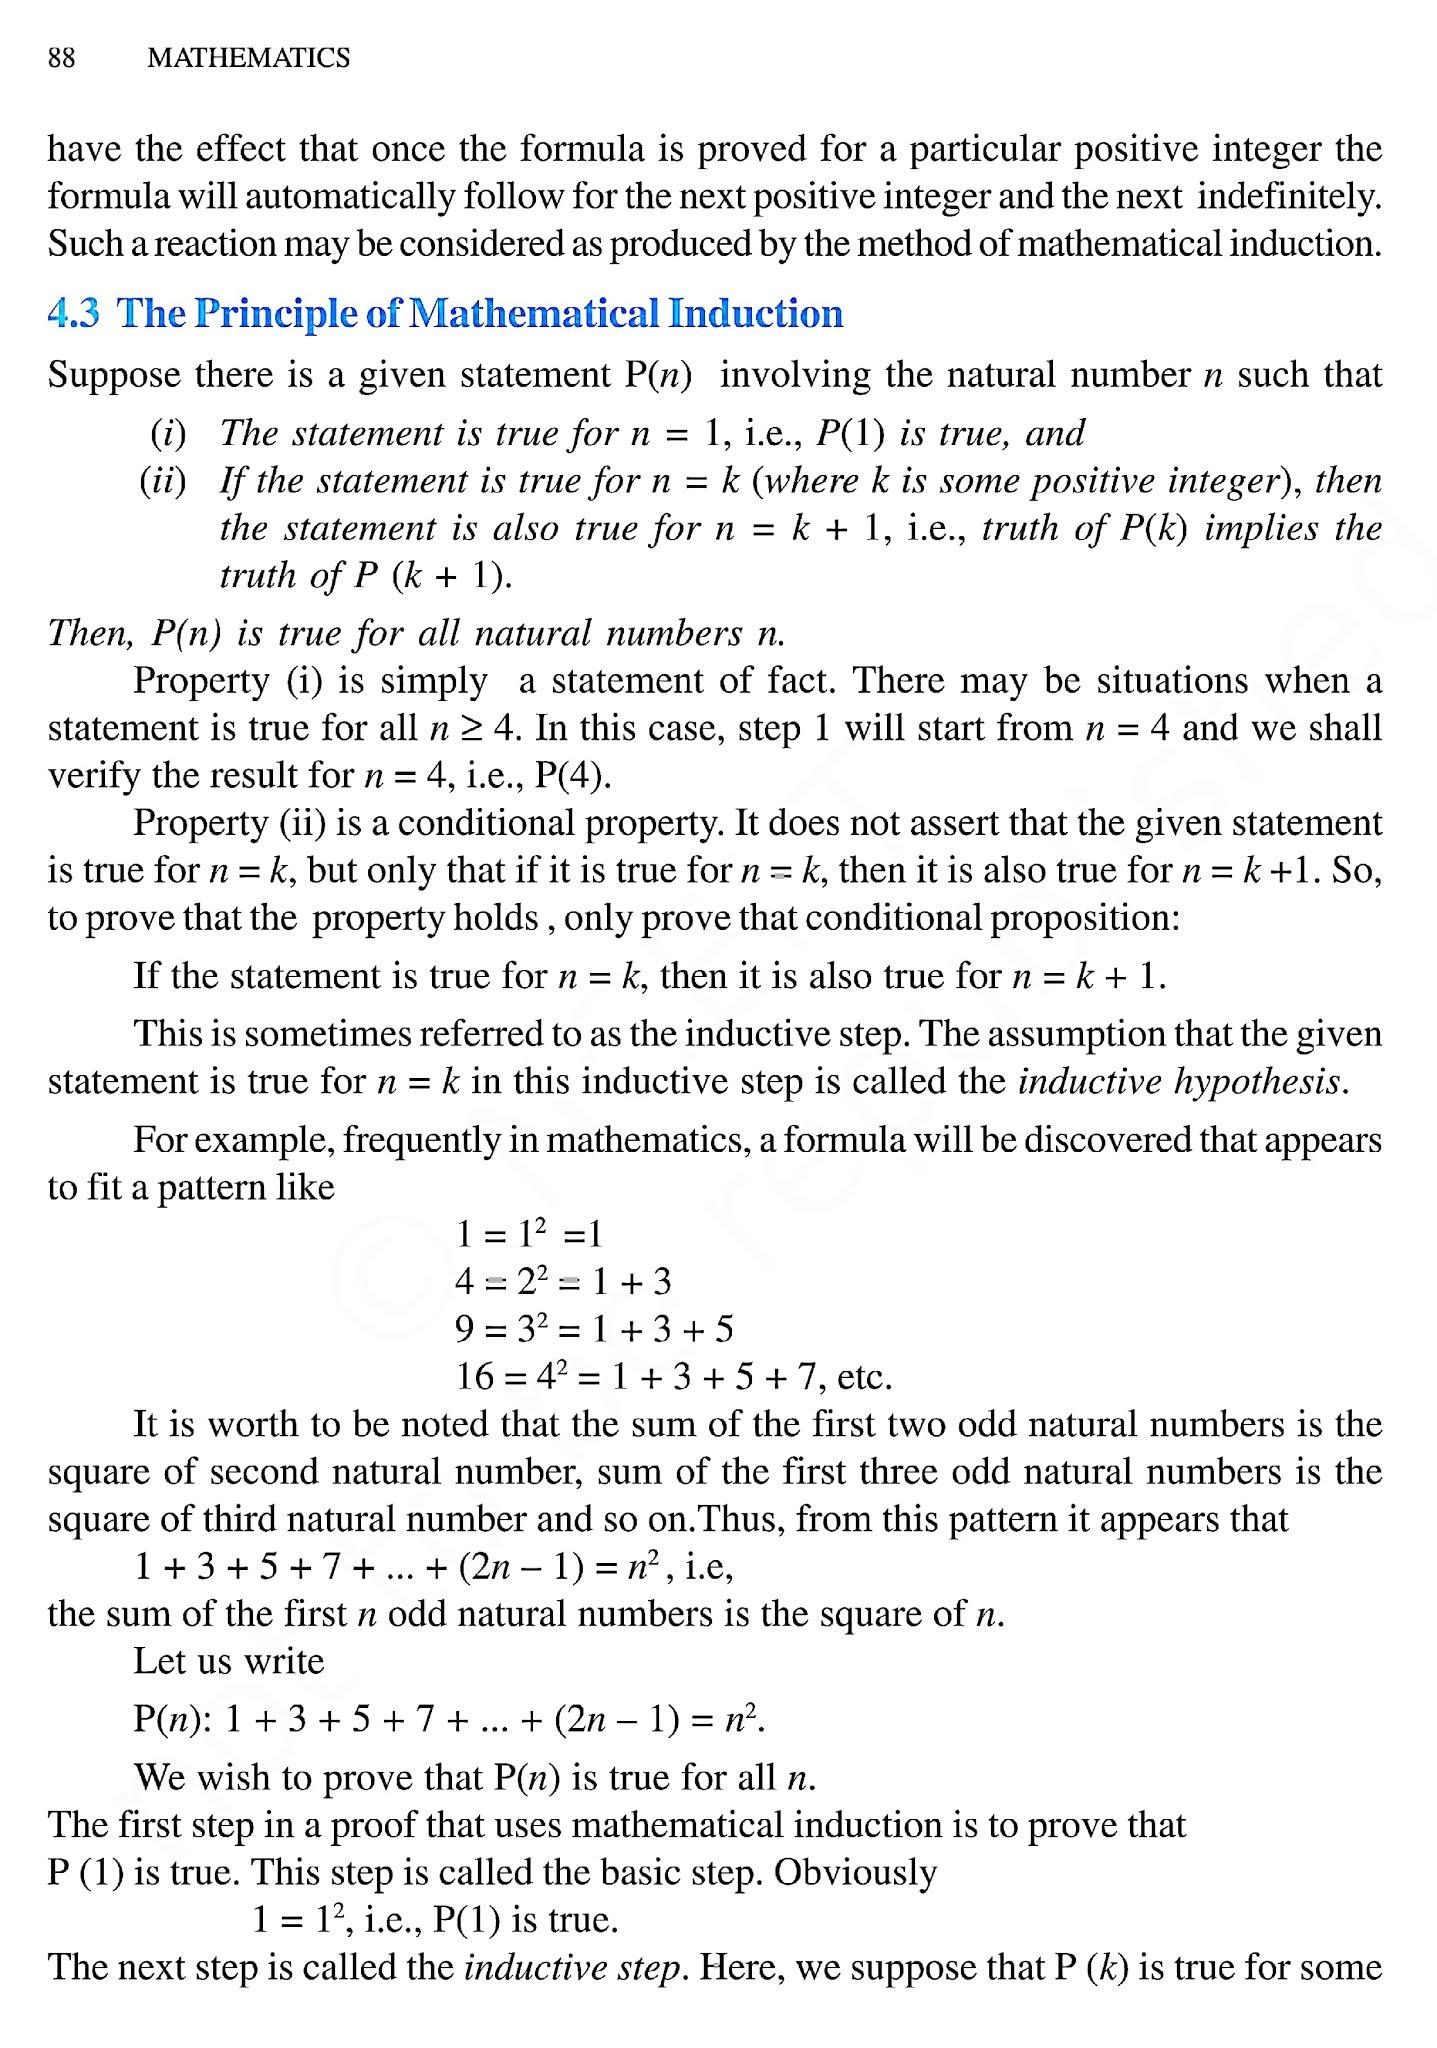 Class 11 Maths Chapter 4 Text Book - English Medium,  11th Maths book in hindi,11th Maths notes in hindi,cbse books for class  11,cbse books in hindi,cbse ncert books,class  11  Maths notes in hindi,class  11 hindi ncert solutions, Maths 2020, Maths 2021, Maths 2022, Maths book class  11, Maths book in hindi, Maths class  11 in hindi, Maths notes for class  11 up board in hindi,ncert all books,ncert app in hindi,ncert book solution,ncert books class 10,ncert books class  11,ncert books for class 7,ncert books for upsc in hindi,ncert books in hindi class 10,ncert books in hindi for class  11  Maths,ncert books in hindi for class 6,ncert books in hindi pdf,ncert class  11 hindi book,ncert english book,ncert  Maths book in hindi,ncert  Maths books in hindi pdf,ncert  Maths class  11,ncert in hindi,old ncert books in hindi,online ncert books in hindi,up board  11th,up board  11th syllabus,up board class 10 hindi book,up board class  11 books,up board class  11 new syllabus,up Board  Maths 2020,up Board  Maths 2021,up Board  Maths 2022,up Board  Maths 2023,up board intermediate  Maths syllabus,up board intermediate syllabus 2021,Up board Master 2021,up board model paper 2021,up board model paper all subject,up board new syllabus of class 11th Maths,up board paper 2021,Up board syllabus 2021,UP board syllabus 2022,   11 वीं मैथ्स पुस्तक हिंदी में,  11 वीं मैथ्स नोट्स हिंदी में, कक्षा  11 के लिए सीबीएससी पुस्तकें, हिंदी में सीबीएससी पुस्तकें, सीबीएससी  पुस्तकें, कक्षा  11 मैथ्स नोट्स हिंदी में, कक्षा  11 हिंदी एनसीईआरटी समाधान, मैथ्स 2020, मैथ्स 2021, मैथ्स 2022, मैथ्स  बुक क्लास  11, मैथ्स बुक इन हिंदी, बायोलॉजी क्लास  11 हिंदी में, मैथ्स नोट्स इन क्लास  11 यूपी  बोर्ड इन हिंदी, एनसीईआरटी मैथ्स की किताब हिंदी में,  बोर्ड  11 वीं तक,  11 वीं तक की पाठ्यक्रम, बोर्ड कक्षा 10 की हिंदी पुस्तक  , बोर्ड की कक्षा  11 की किताबें, बोर्ड की कक्षा  11 की नई पाठ्यक्रम, बोर्ड मैथ्स 2020, यूपी   बोर्ड मैथ्स 2021, यूपी  बोर्ड मैथ्स 2022, यूपी  बोर्ड मैथ्स 2023, यूपी  बोर्ड इंटरमीडिएट बाय